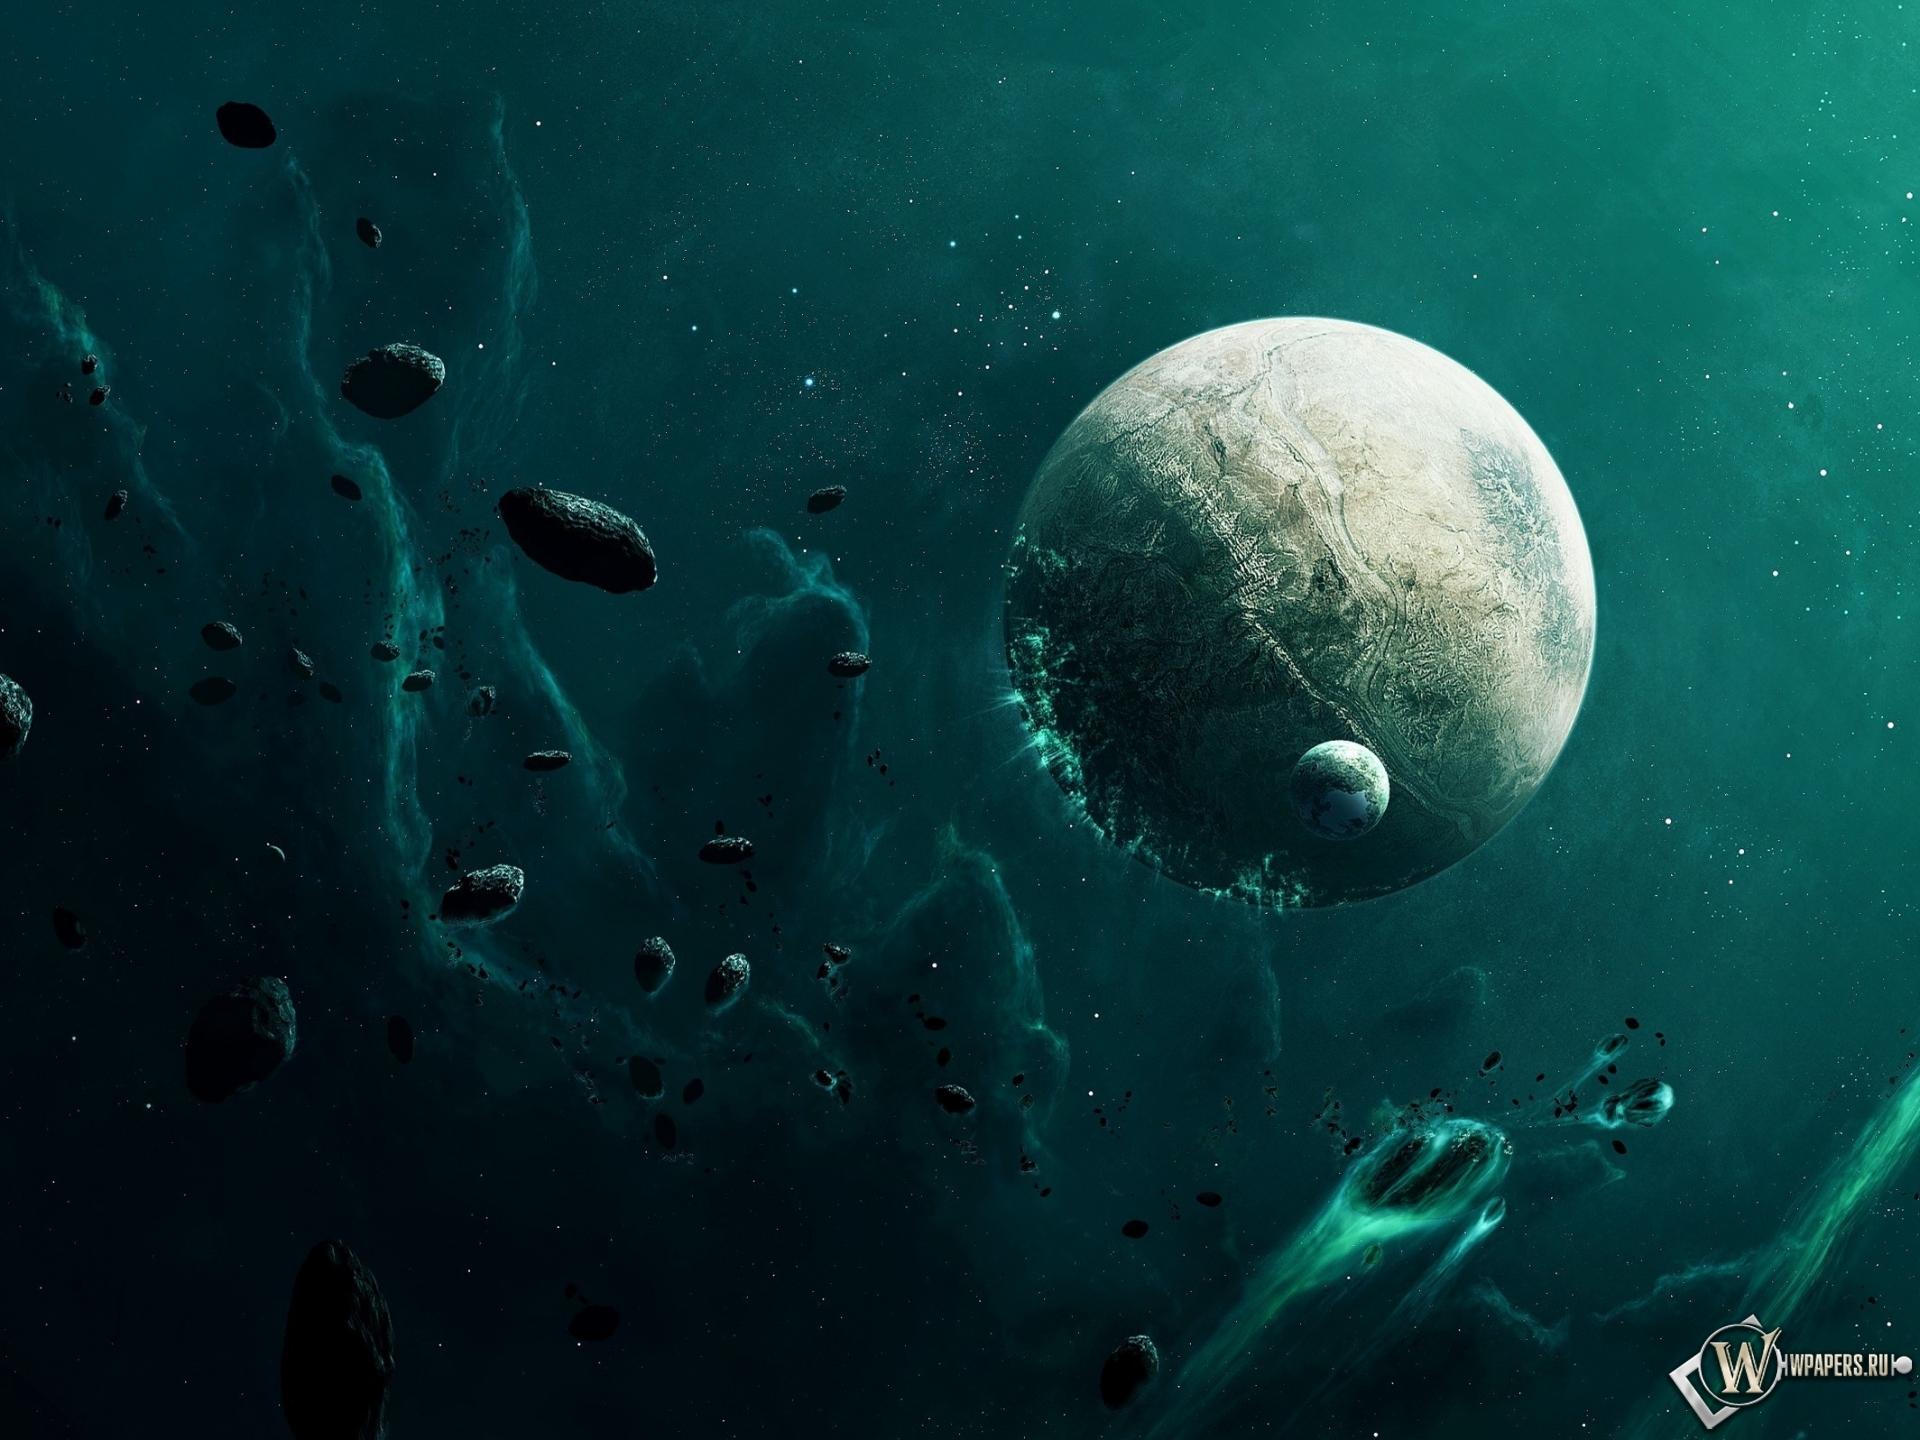 Метеориты и планета 1920x1440